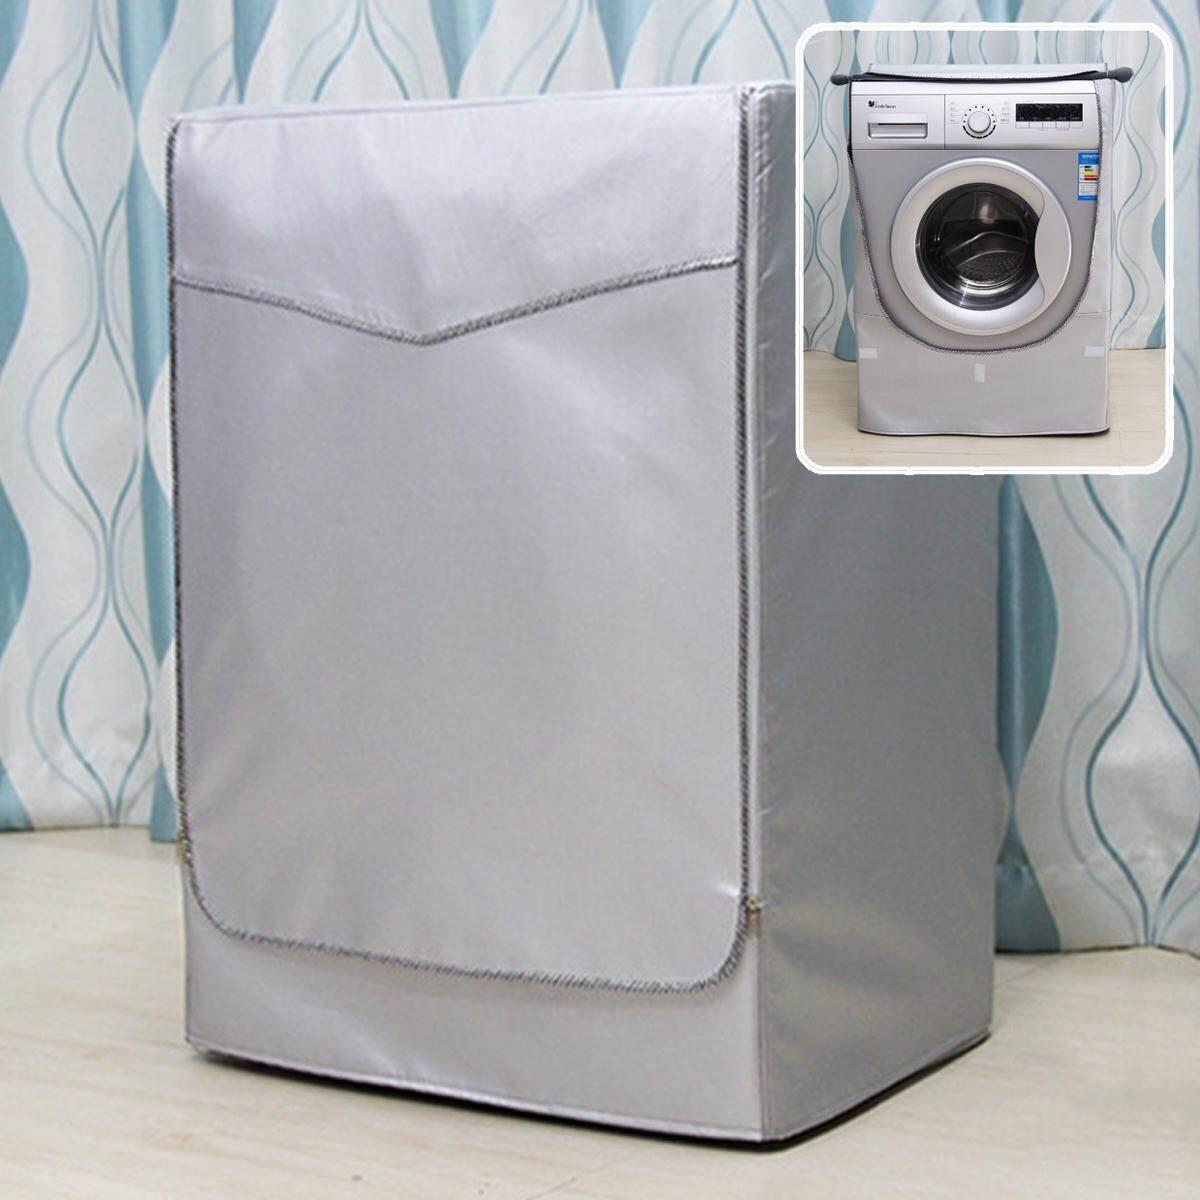 Bảng giá Máy Giặt Đầu Dây Kéo Bụi Vải Oxford Bạc Chống Bụi Bảo Vệ S M L XL Điện máy Pico